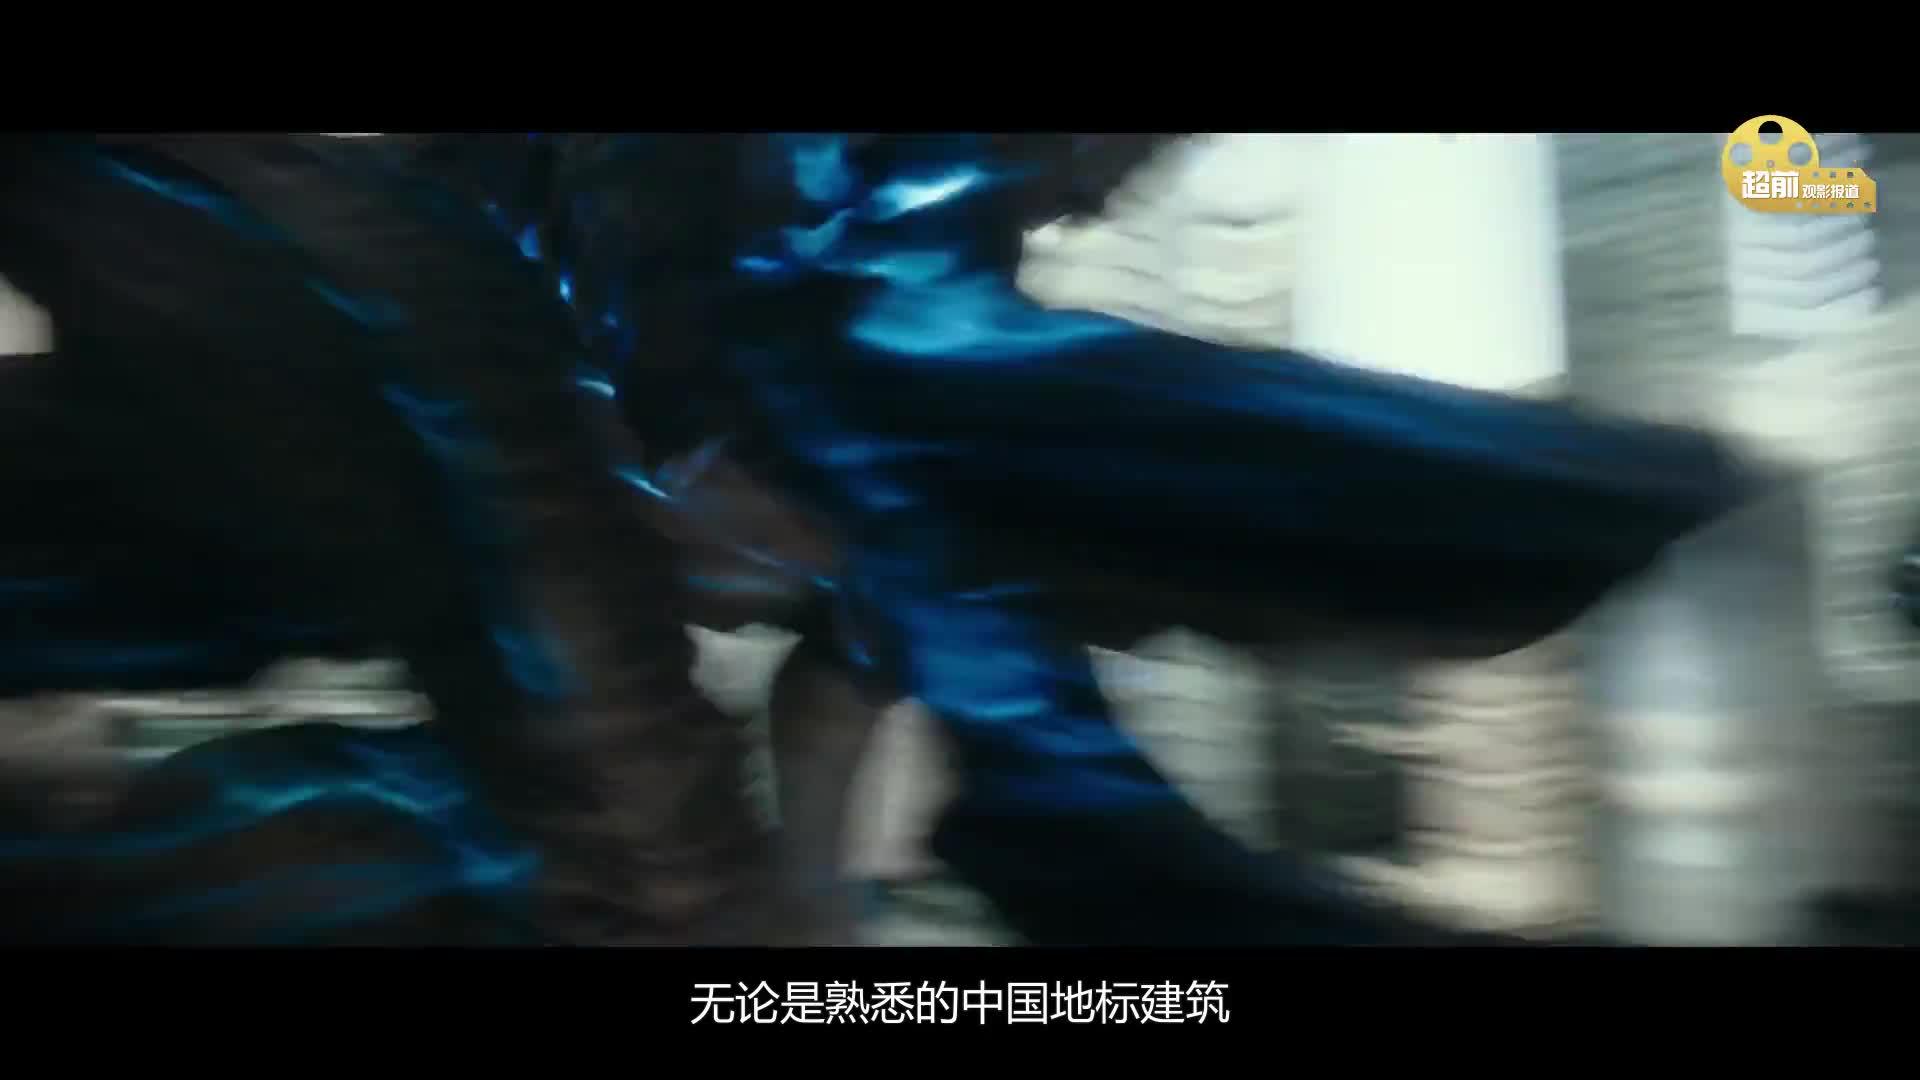 【环太平洋:雷霆再起】超前观影报道 机甲驾驶员拯救世界